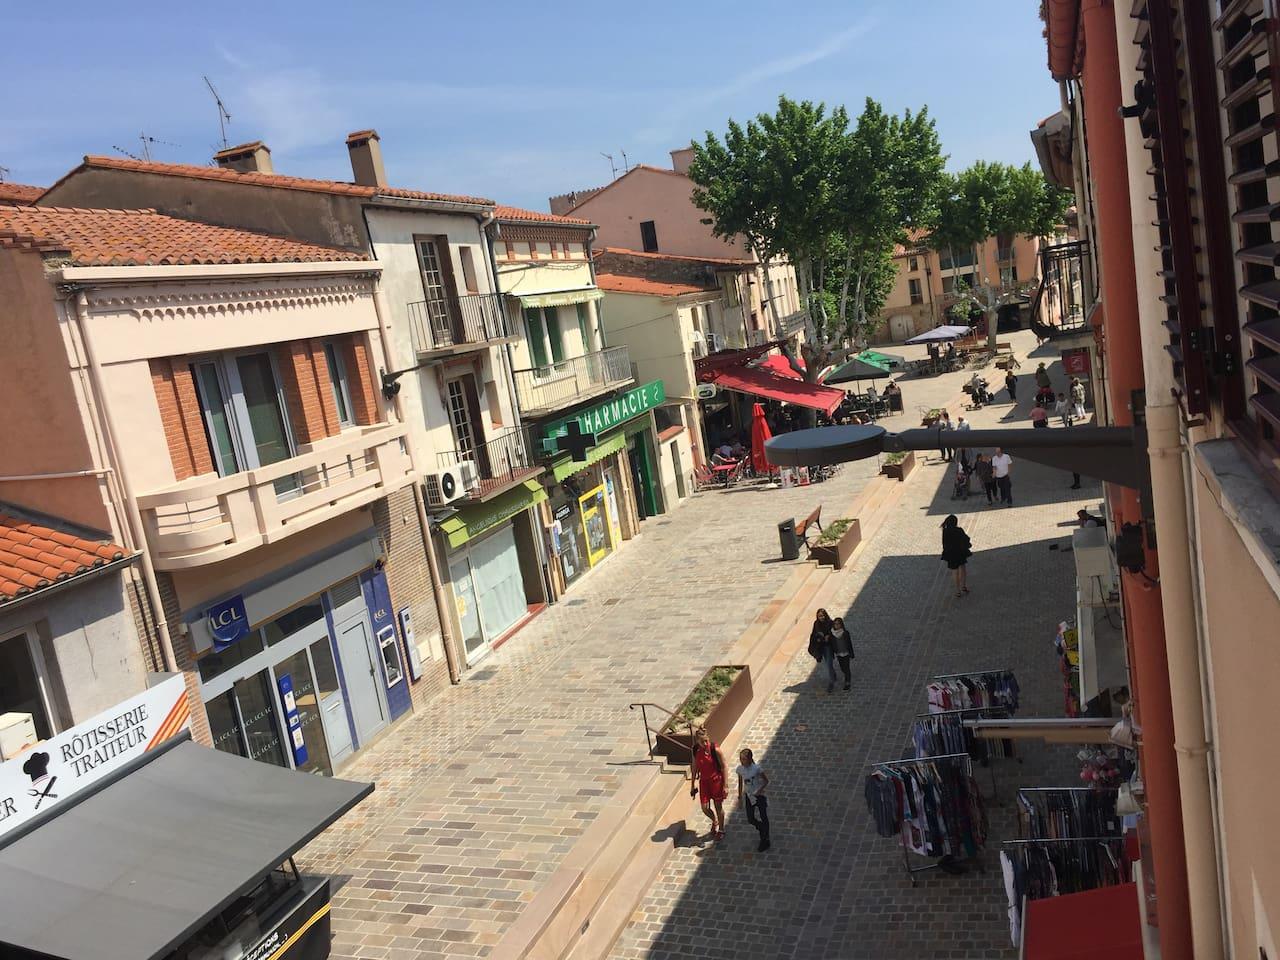 Avenue de la libération  66700 Argelès sur Mer Rue commerçante avec tous les commerces , restaurants , cafés  Pour des moments tranquilles